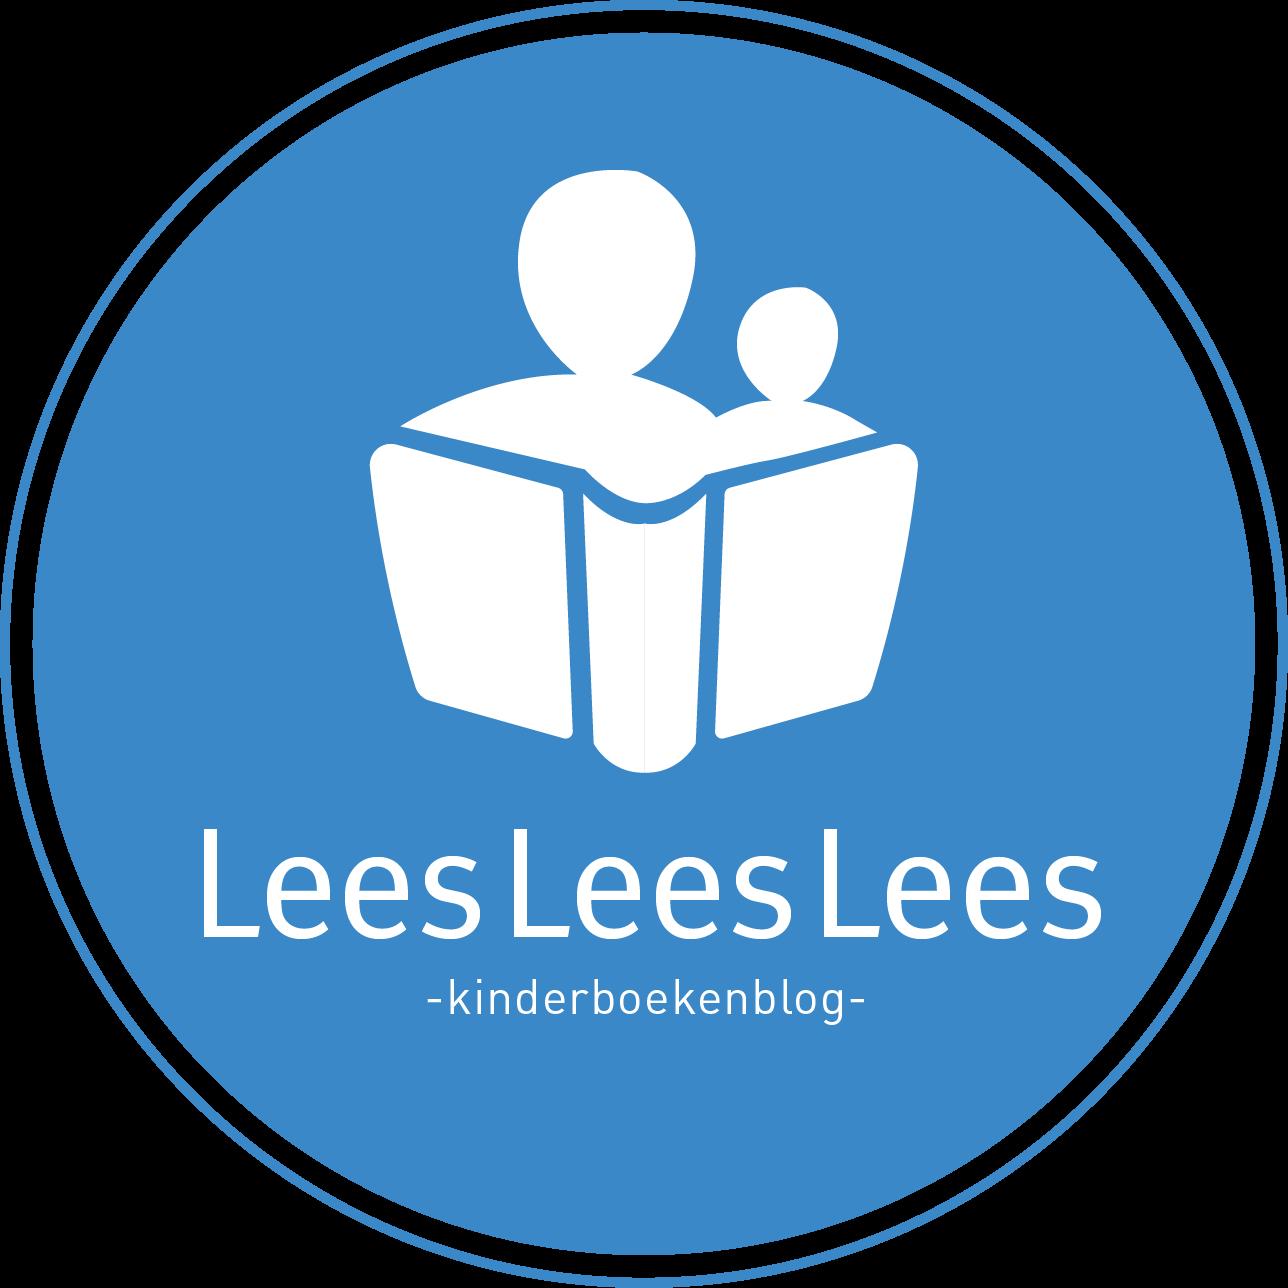 LeesLeesLees – kinderboekenblog